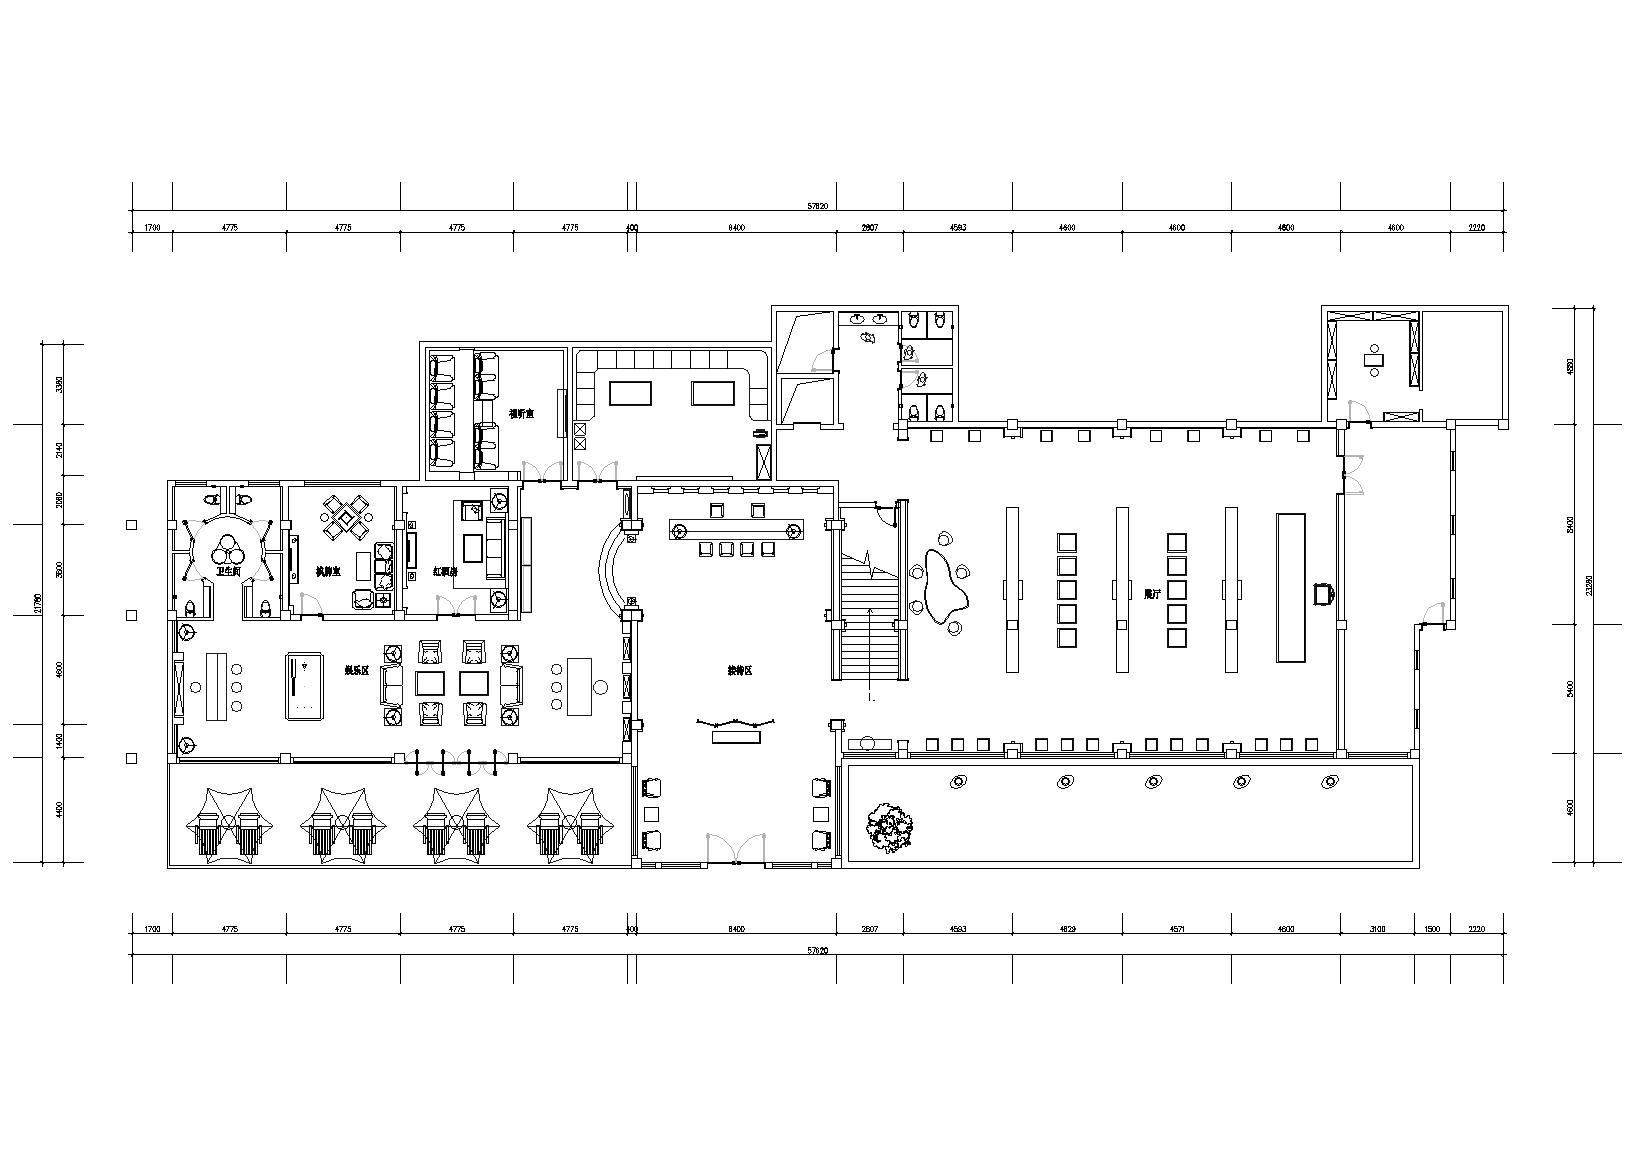 休闲会所 图纸深度:竣工图 设计风格:新中式风格 图纸格式:jpg,cad